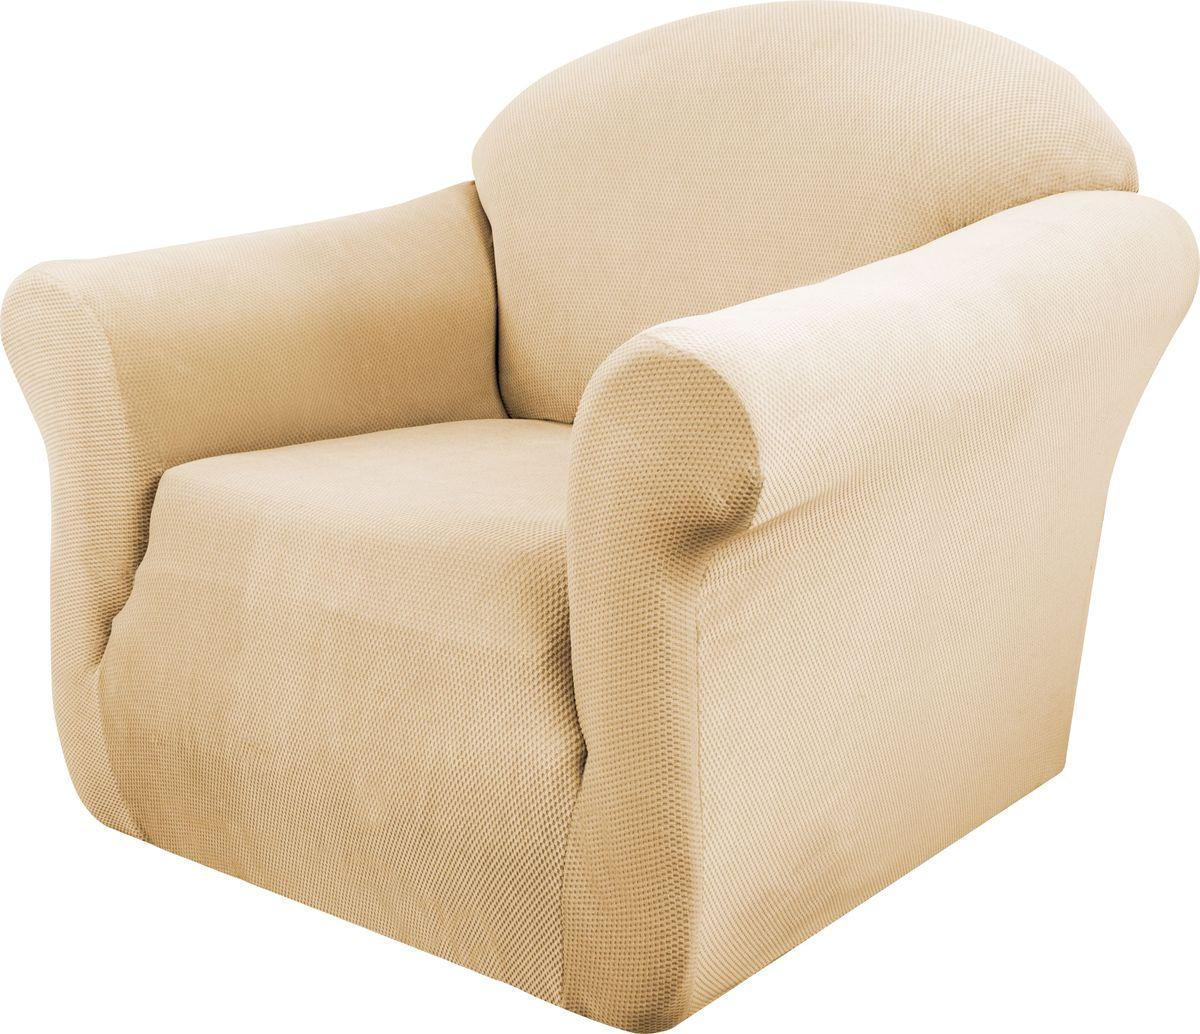 Чехол на кресло Медежда Бирмингем, цвет: бежевый1401031103002Чехол на кресло Медежда Бирмингем изготовлен из стрейчевого велюра (100% полиэстера). Тонкий геометрический дизайн добавляет уют помещению. Велюр - по праву один из уверенных лидеров среди мебельных тканей. Поверхность велюра приятна для прикосновений. Сочетание нежности и прочности - визитная карточка велюра. Вещи из него даже спустя много лет смотрятся, как новые. Чехол легко растягивается и хорошо принимает форму кресла, подходит для большинства стандартных кресел с шириной спинки от 80 см до 110 см и высотой не более 95 см. За счет специальных фиксаторов чехол прочно держится на мебели, не съезжает и не соскальзывает. Имеется инструкция в картинках по установке чехла.